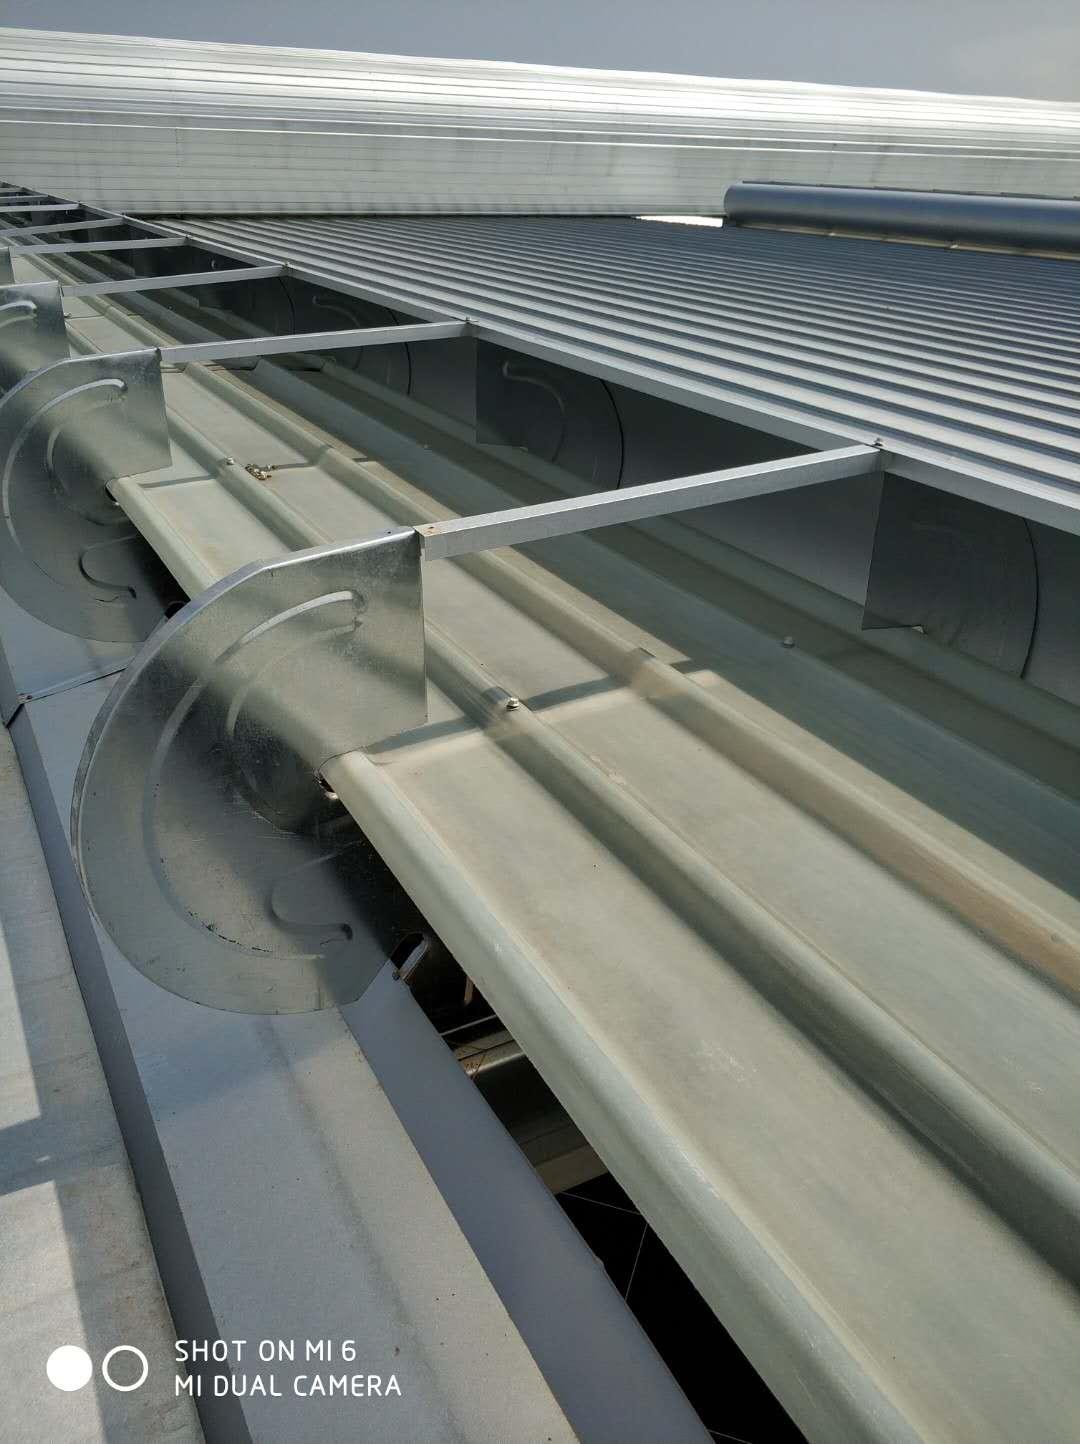 顺坡无动力风球价格 屋顶通风采光排烟天窗 聊城市瑞星通风设备有限公司